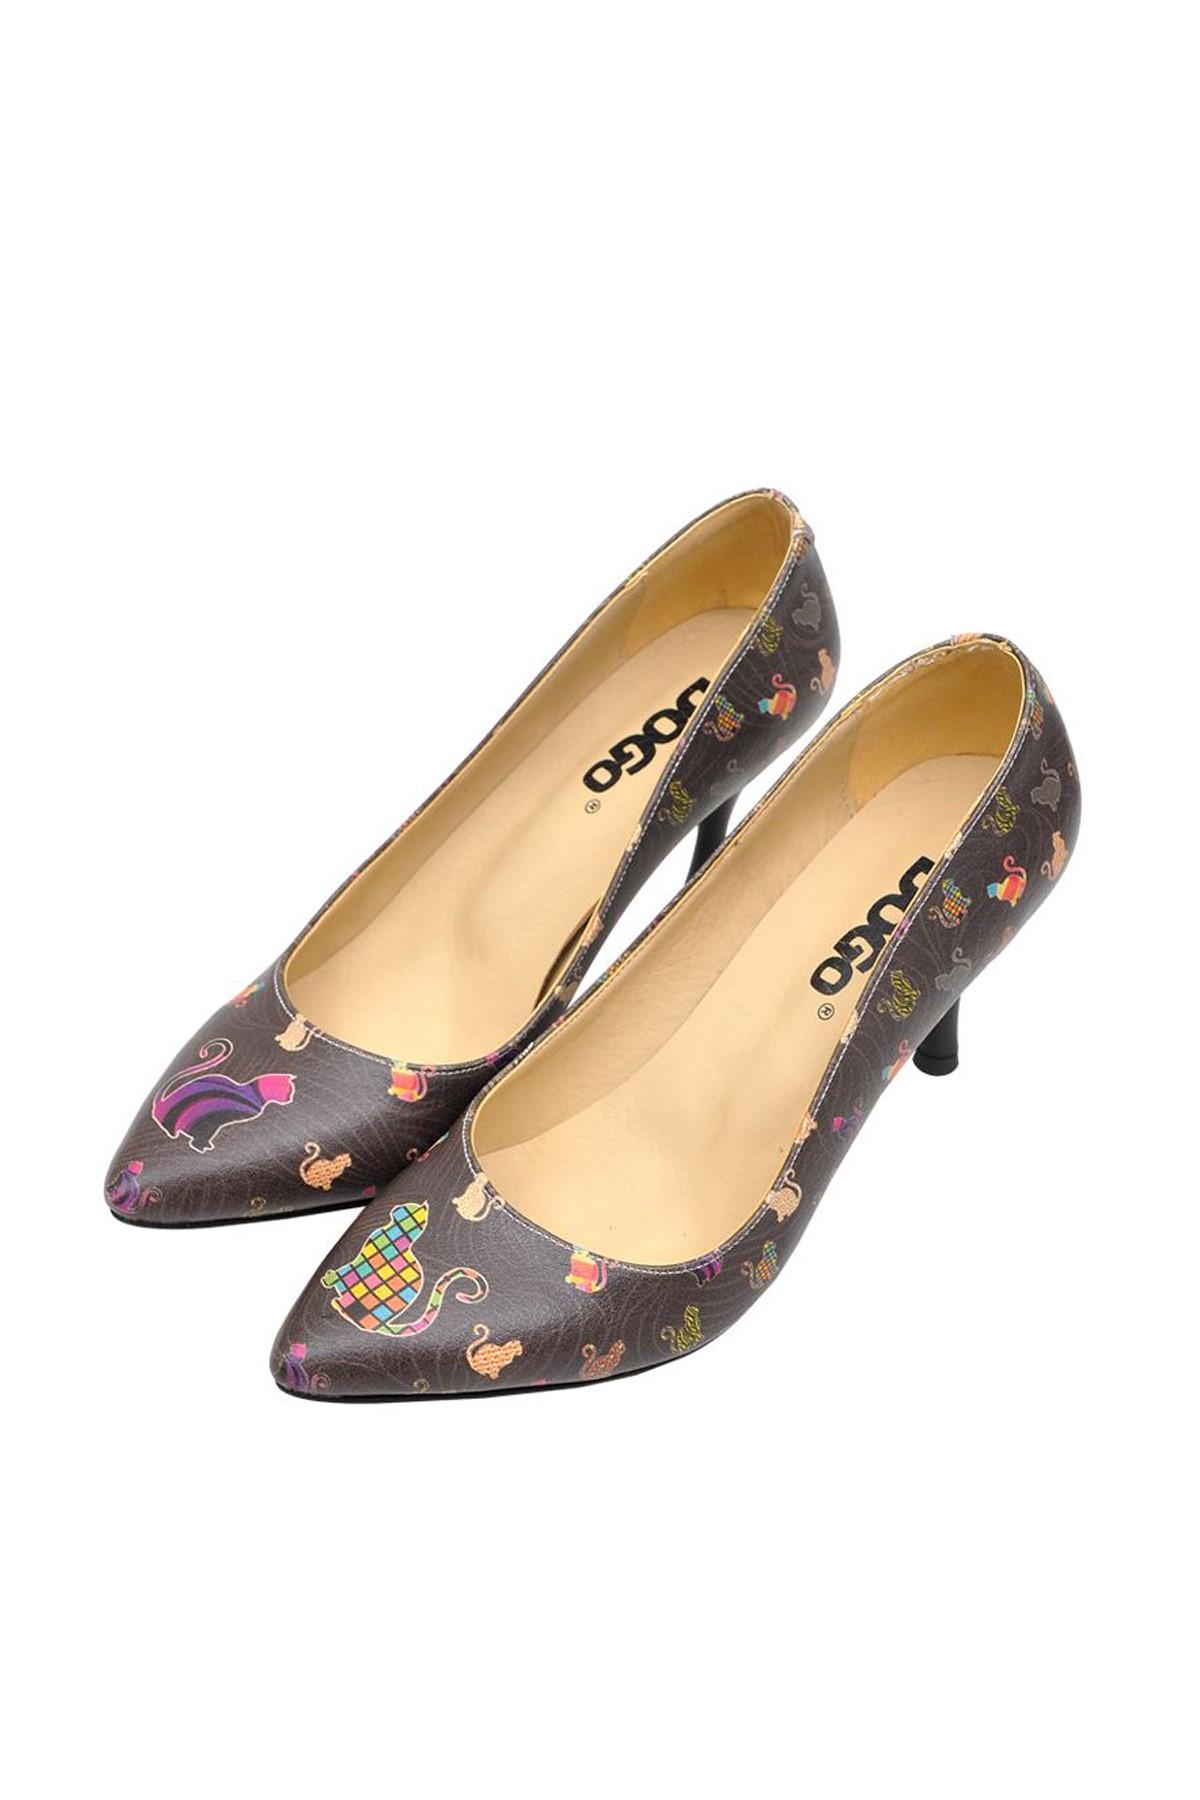 Dogo Çok Renkli Kadın Topuklu Ayakkabı DGHH016-STL005 2